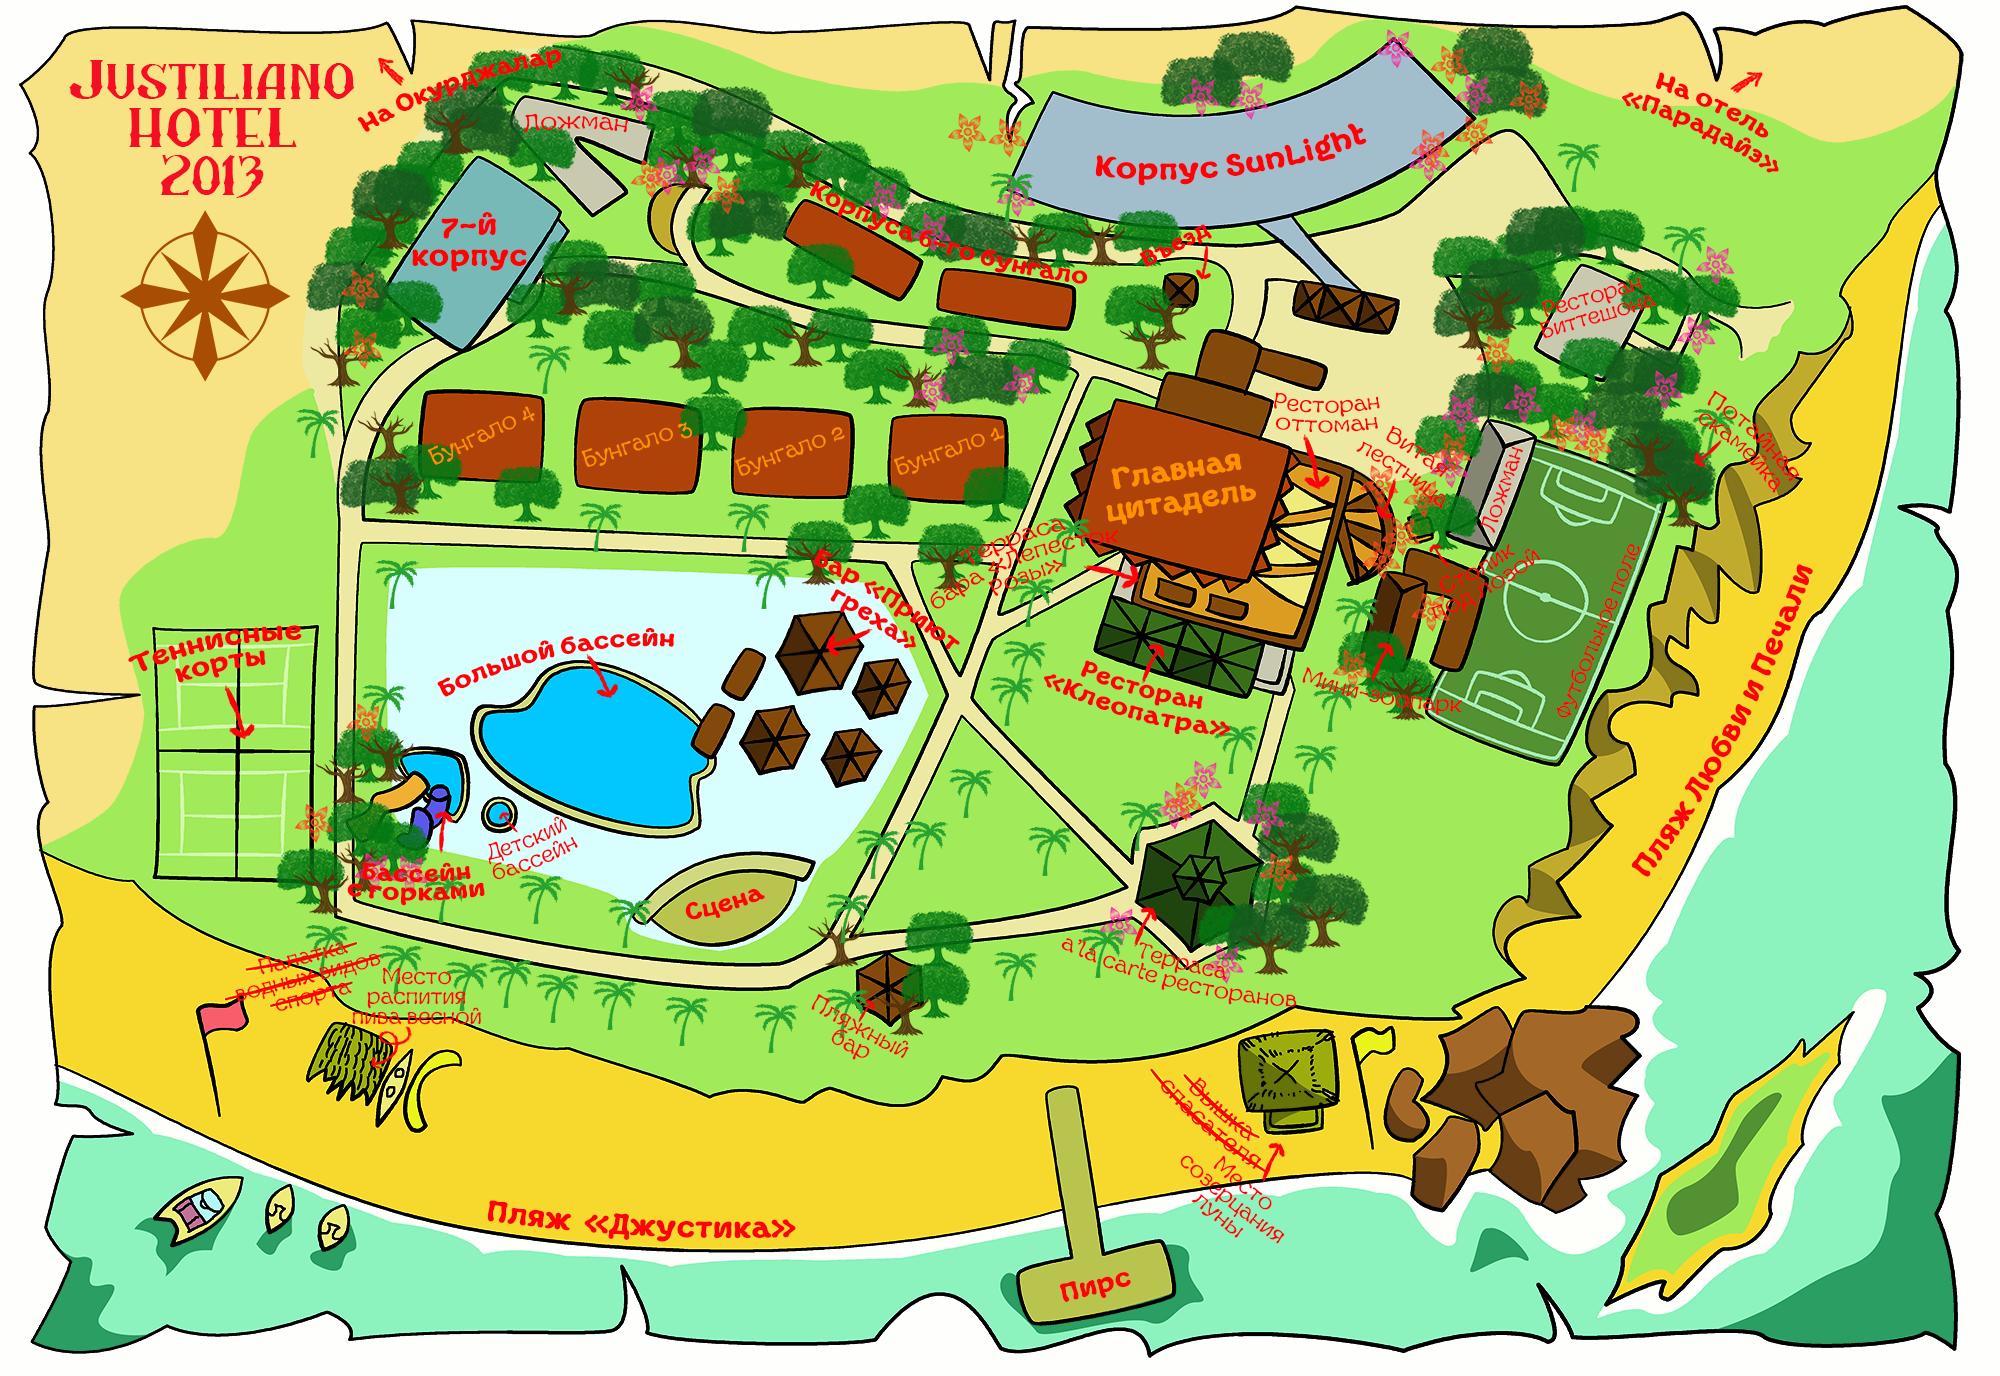 Карта «Джустилиано Хотэл»-2013 с описанием. Автор Надя Бойкова